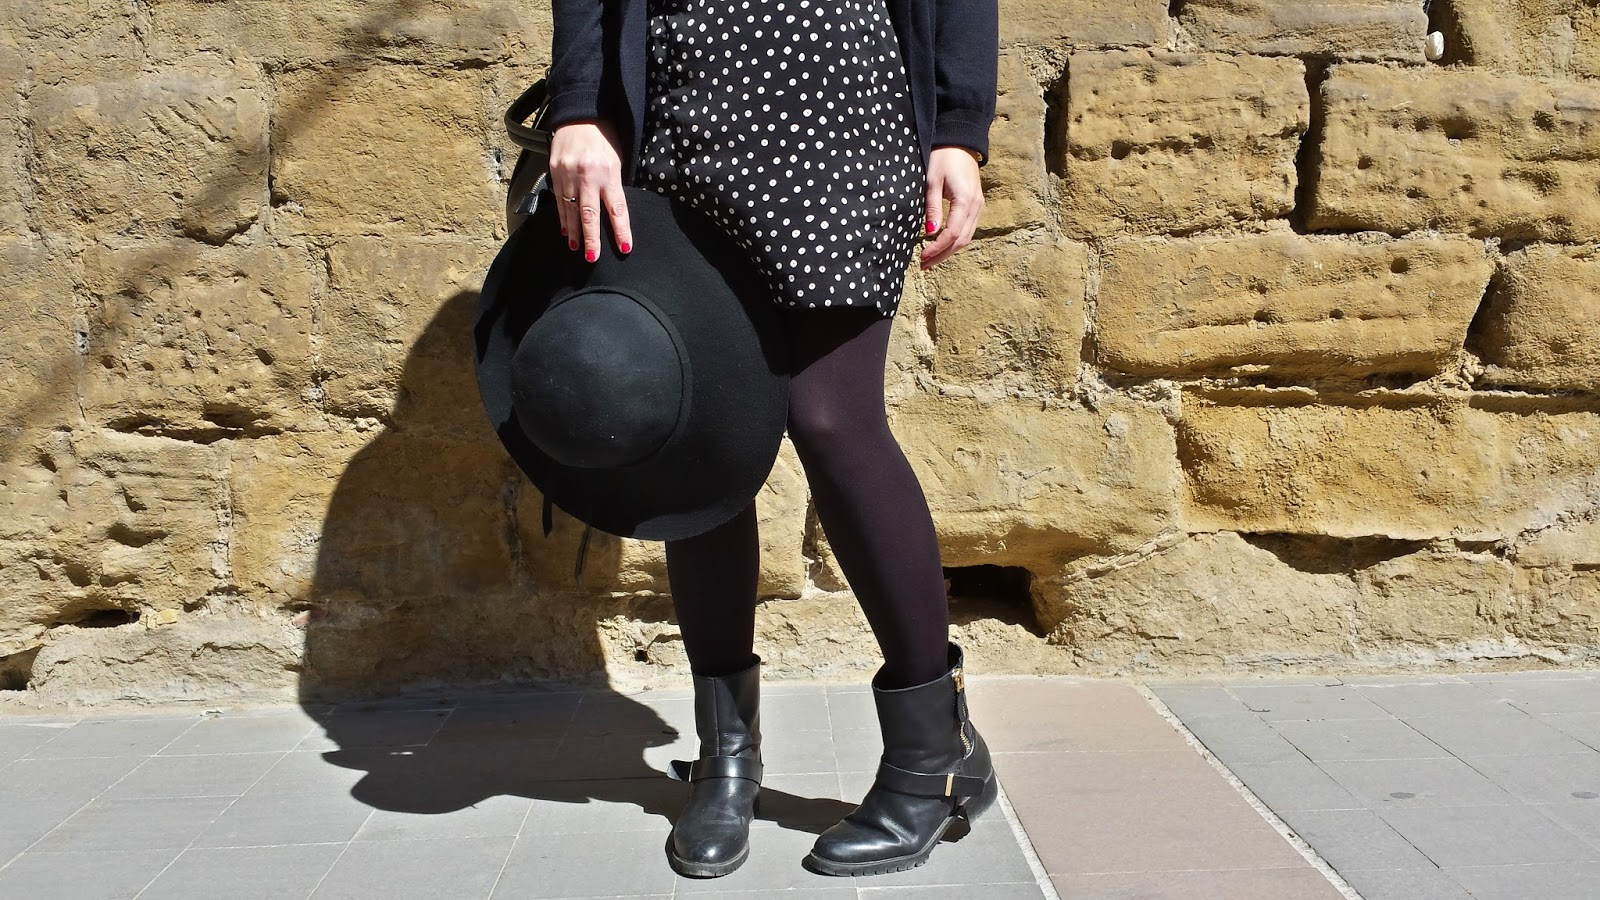 Sombrero de ala ancha para entretiempo, tendencia boho chic